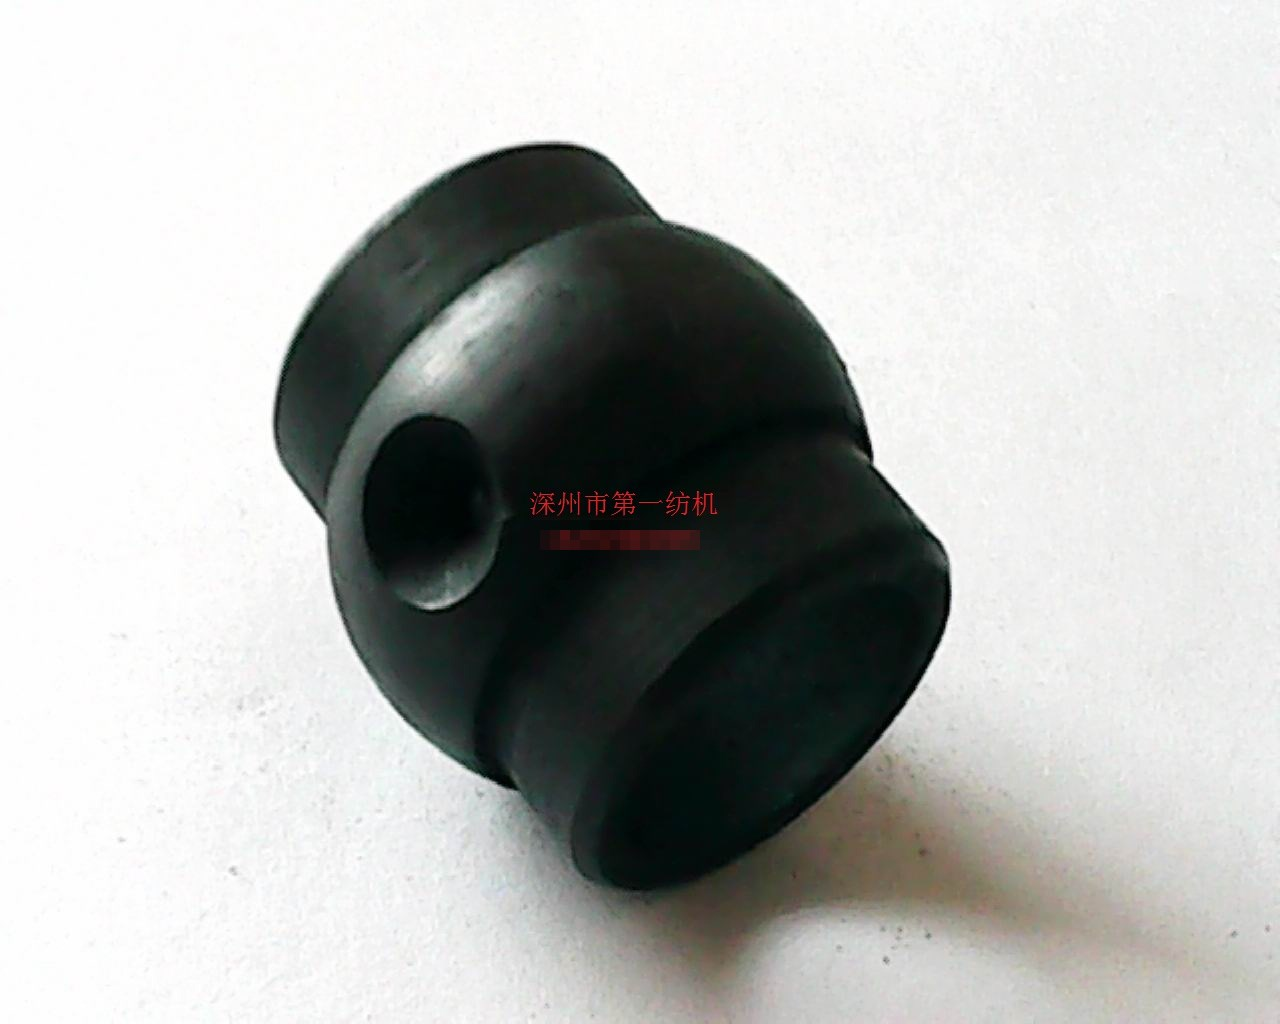 吉林橡胶件,尼龙件专业铸造角度超好